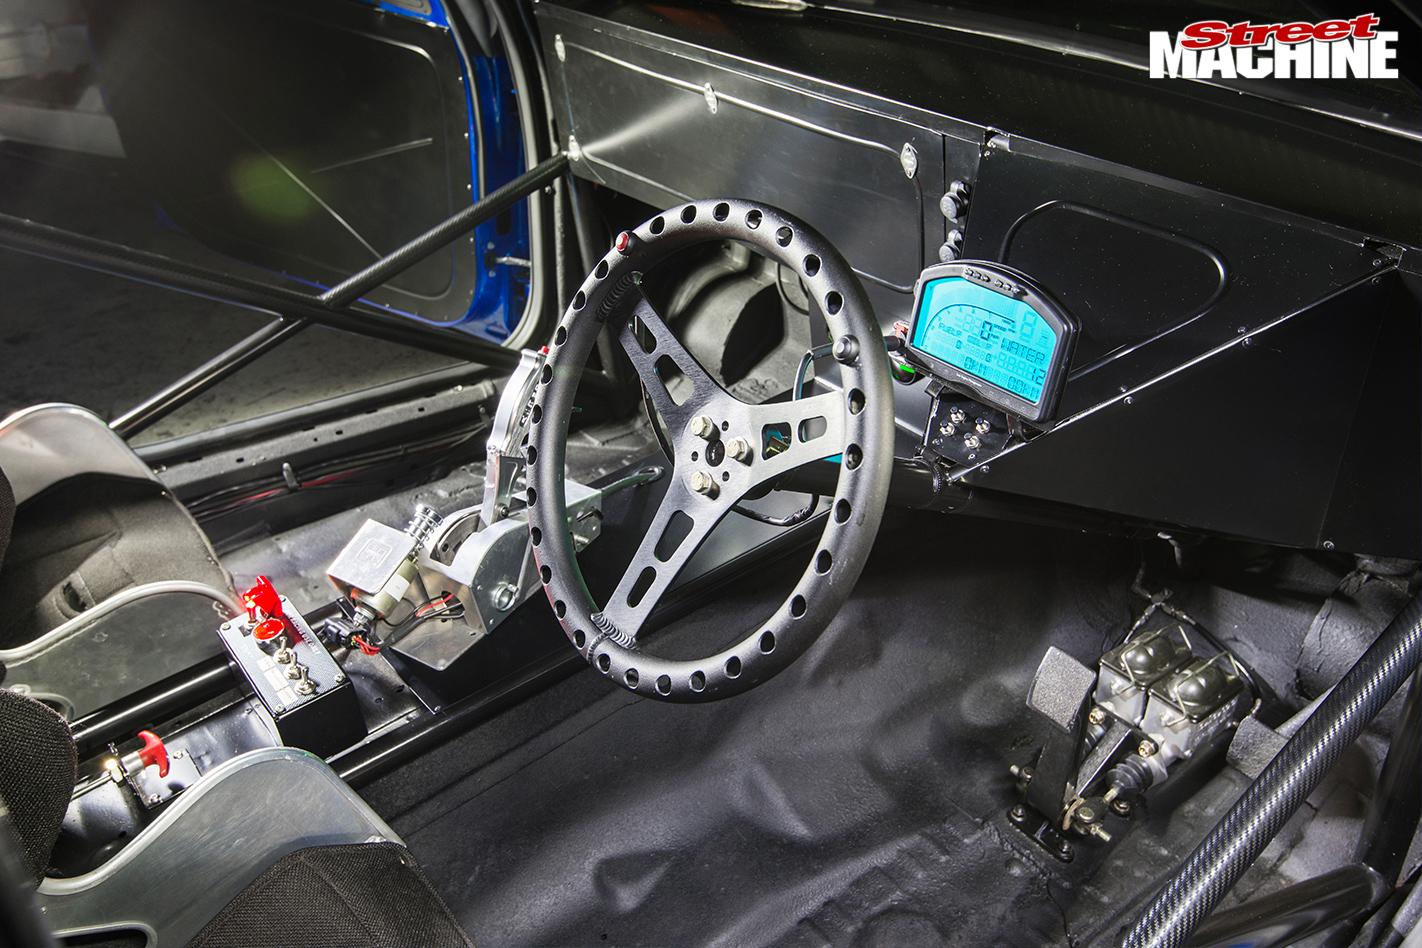 Hsv -ute -engine -interior -front -dash